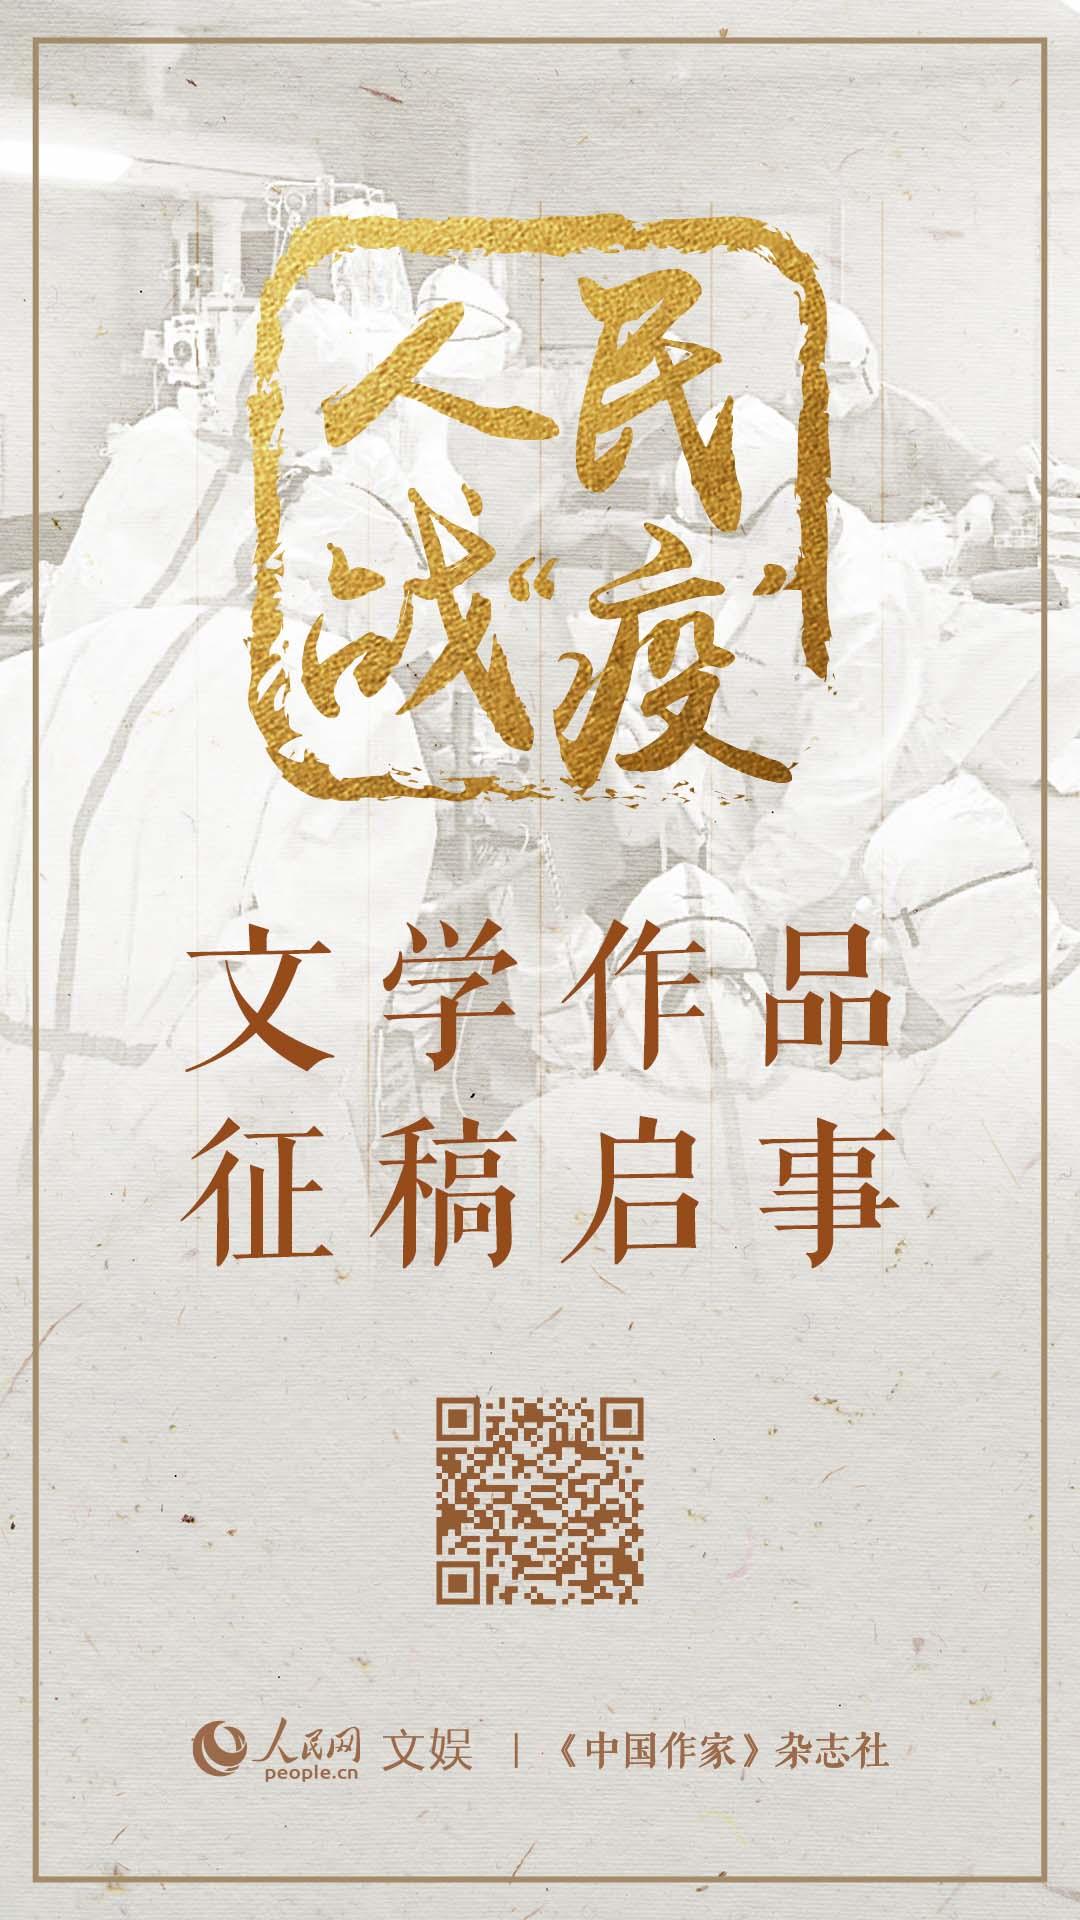 """【""""人民战'疫'""""征文】海子,春暖花开时,我不要面朝大海"""